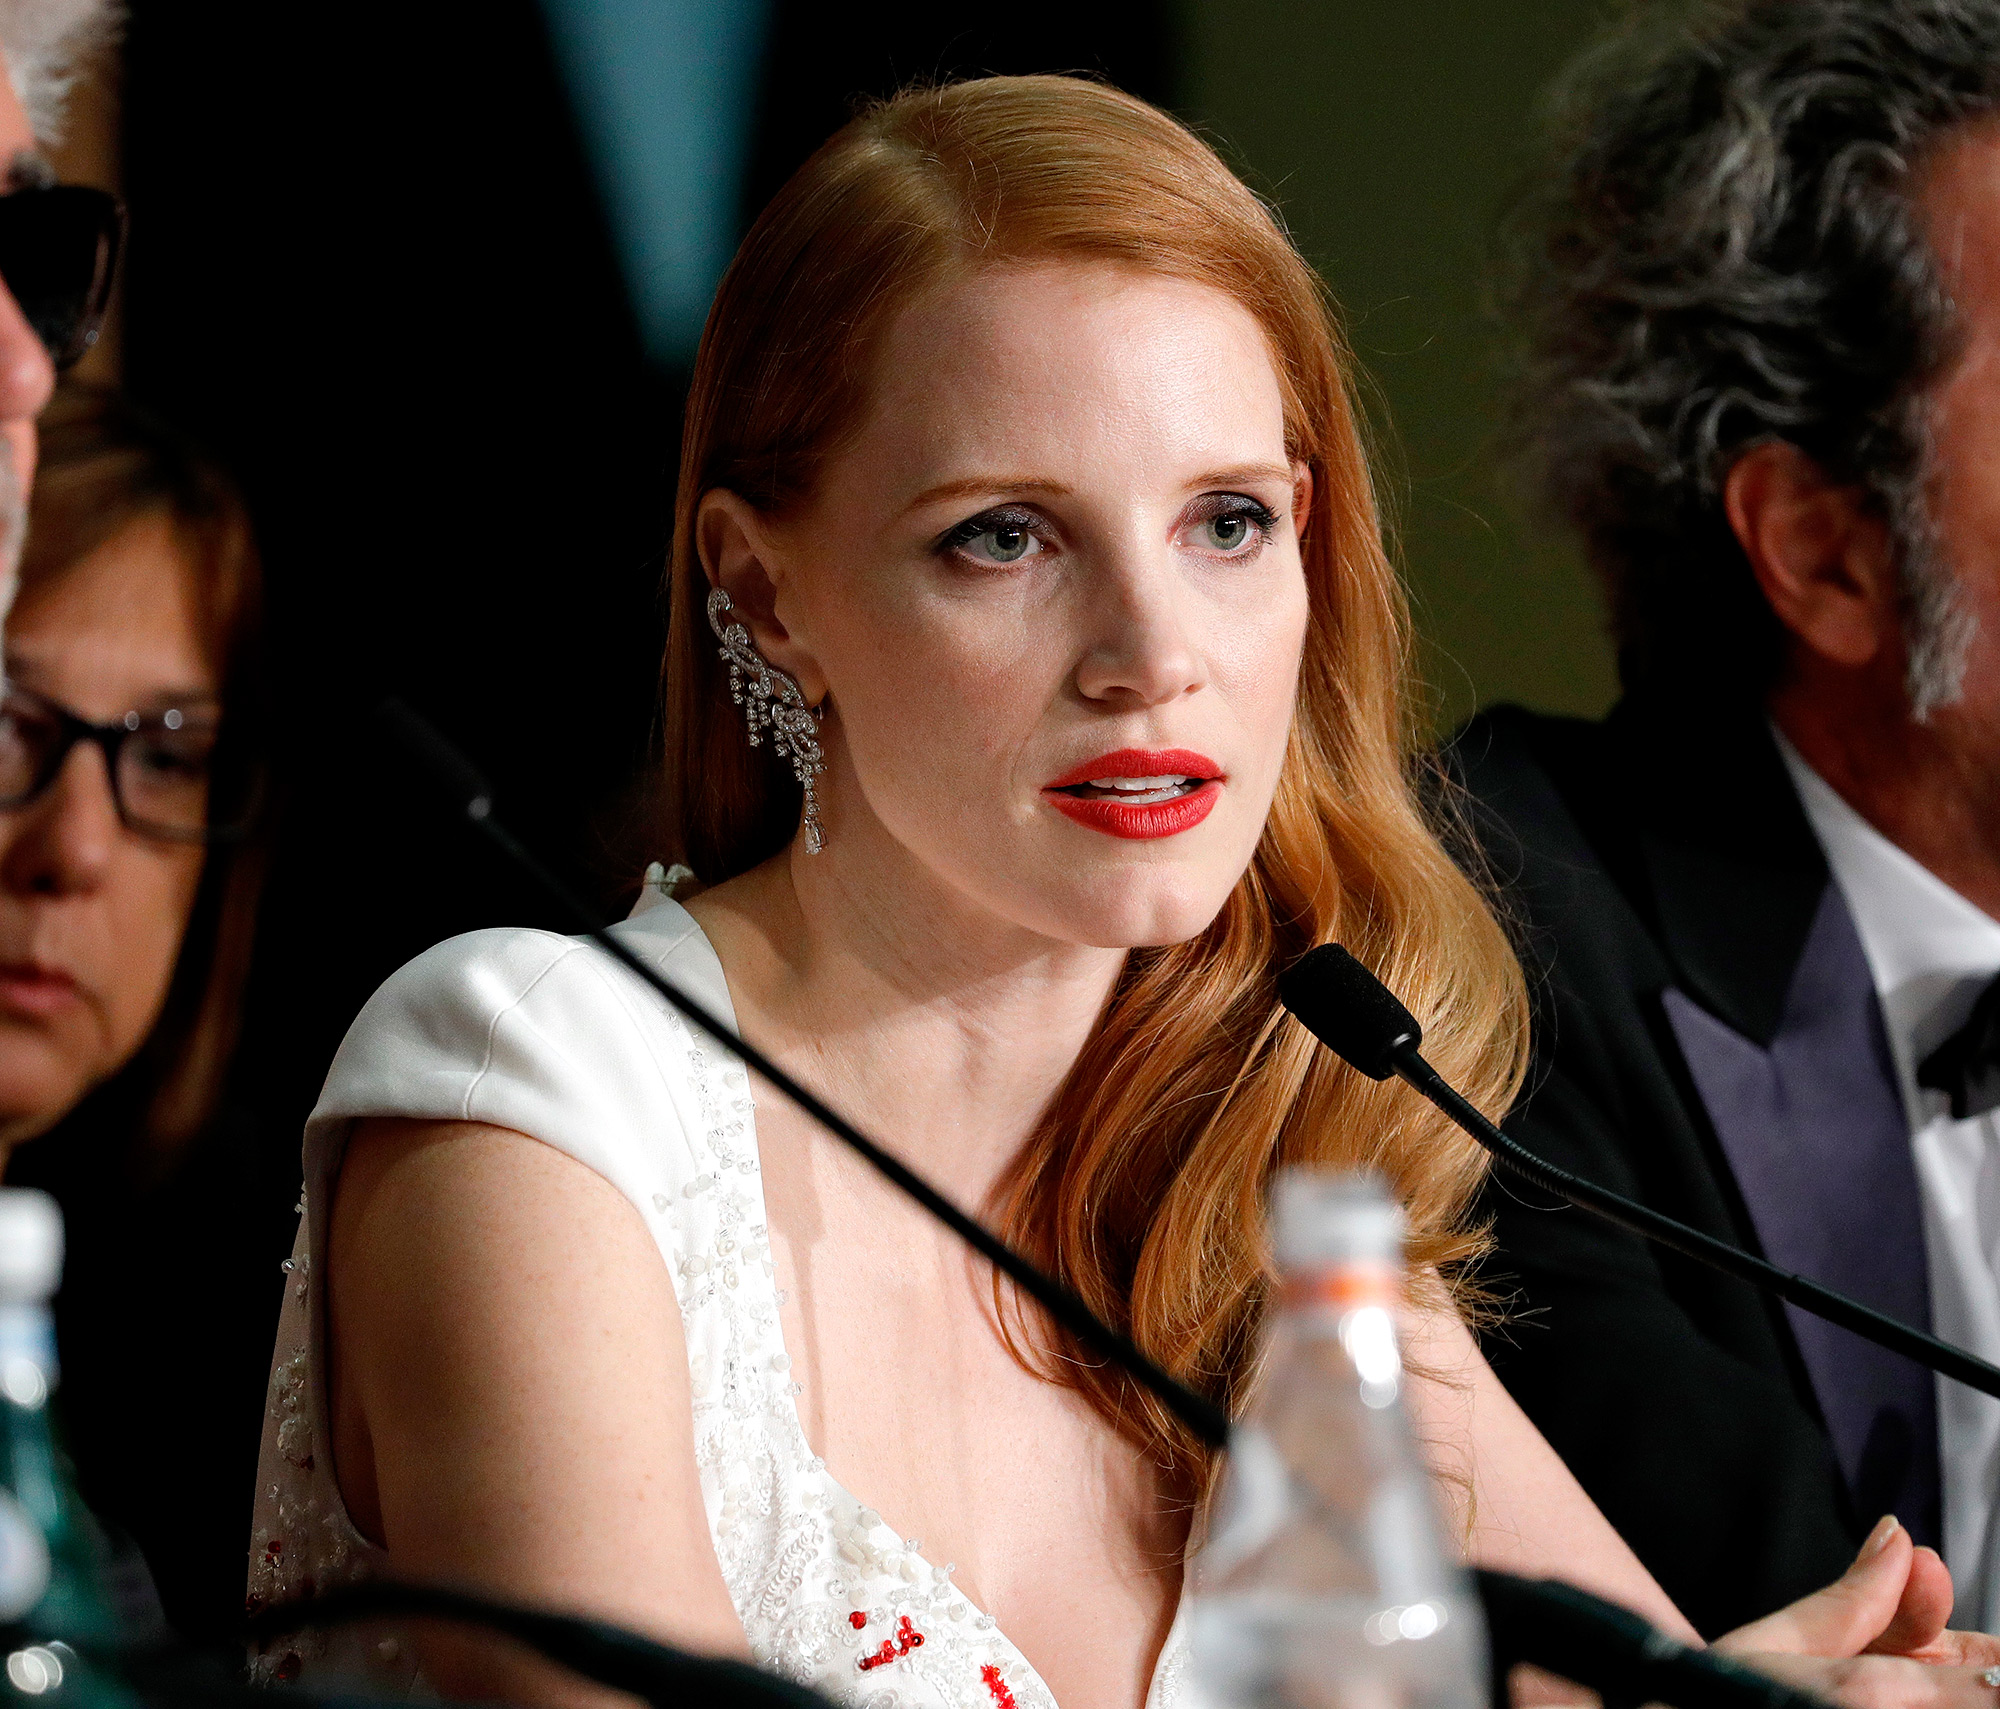 Presente no júri de 2017, Jessica Chastain criticou publicamente o Festival de Cannes pela forma como as mulheres eram representadas nos filmes da competição (Foto: Getty Images)